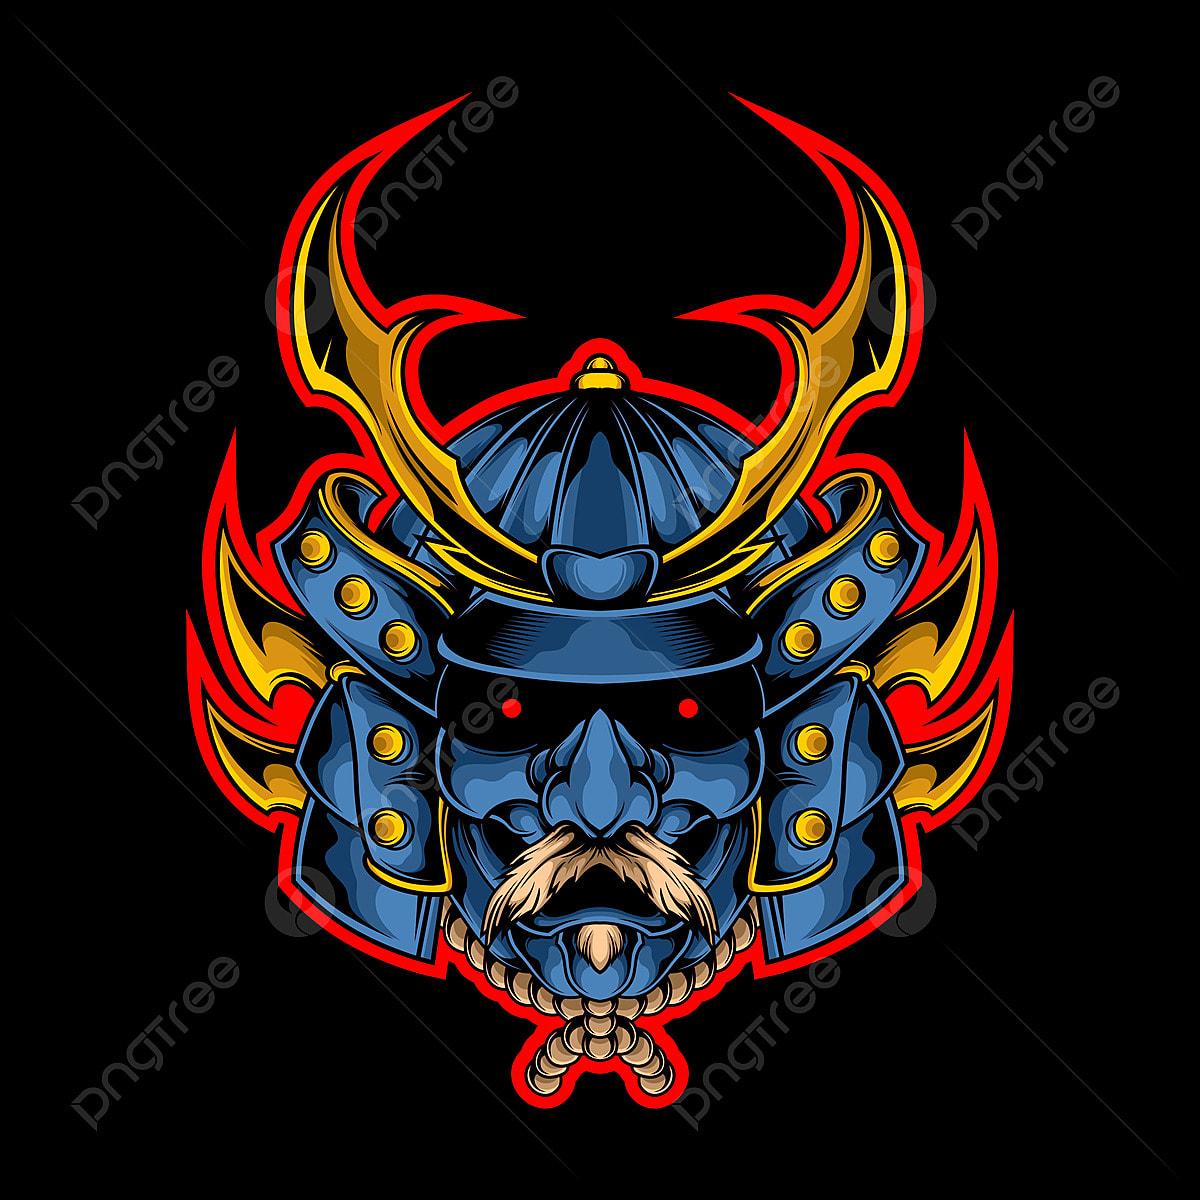 Ilustracao De Cabeca De Samurai Epico Armadura Arte Asian Png E